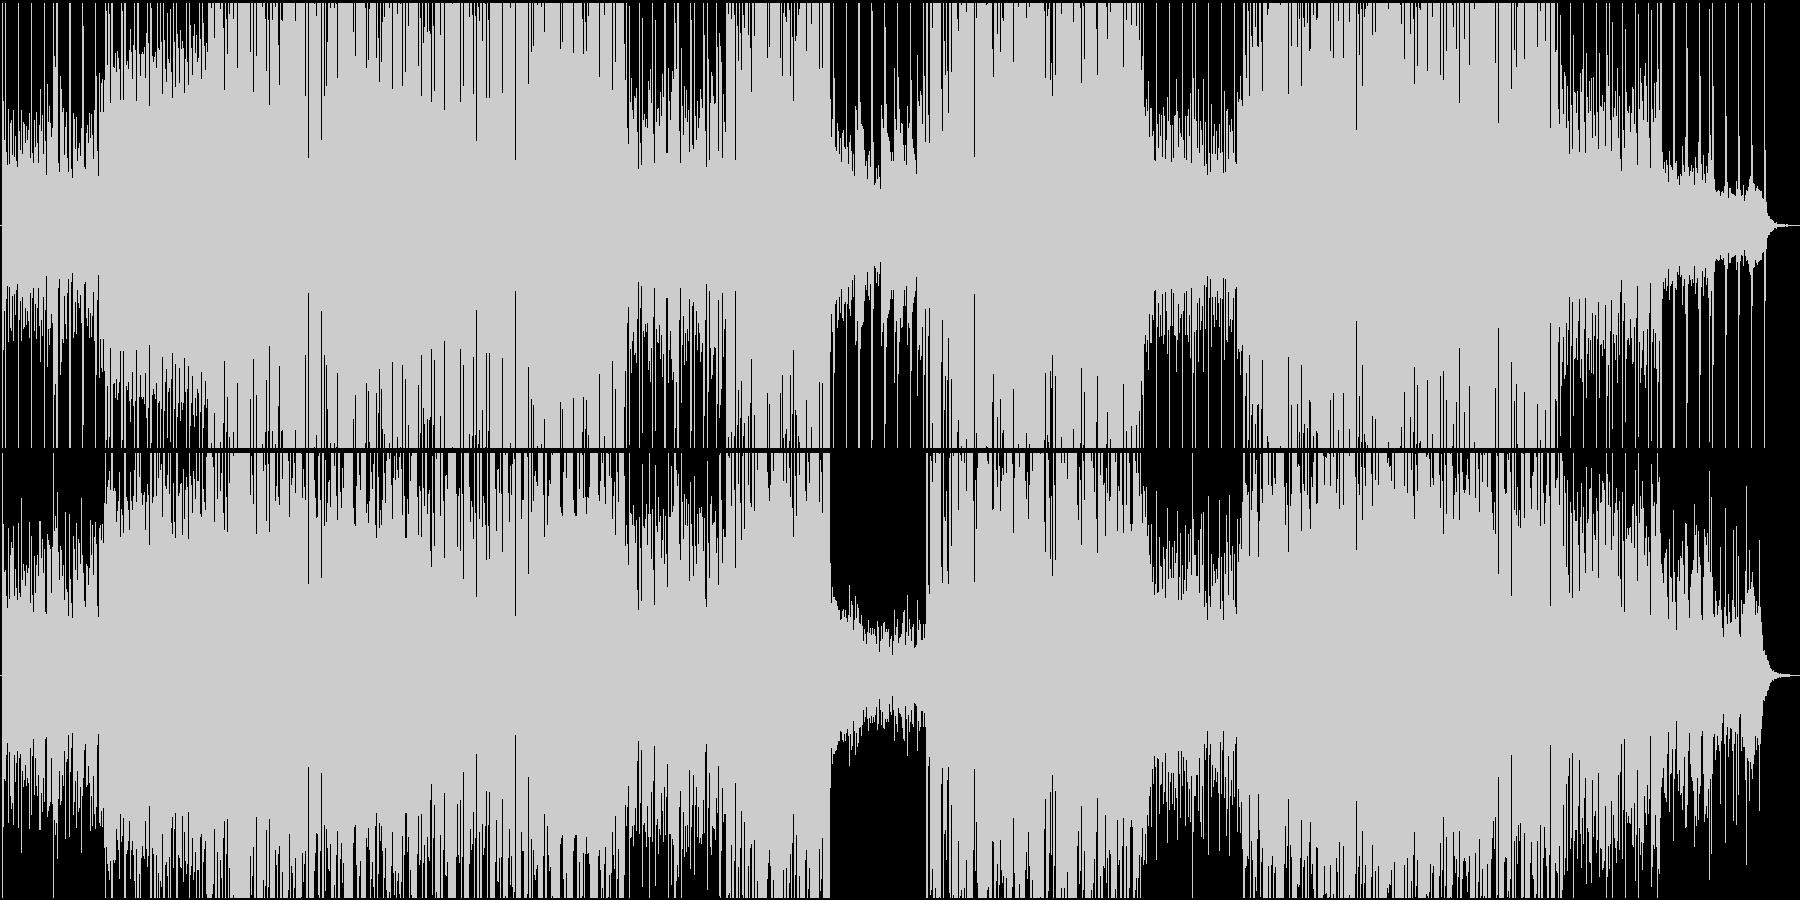 切ないメロを琴で奏でる90'R&Bの未再生の波形